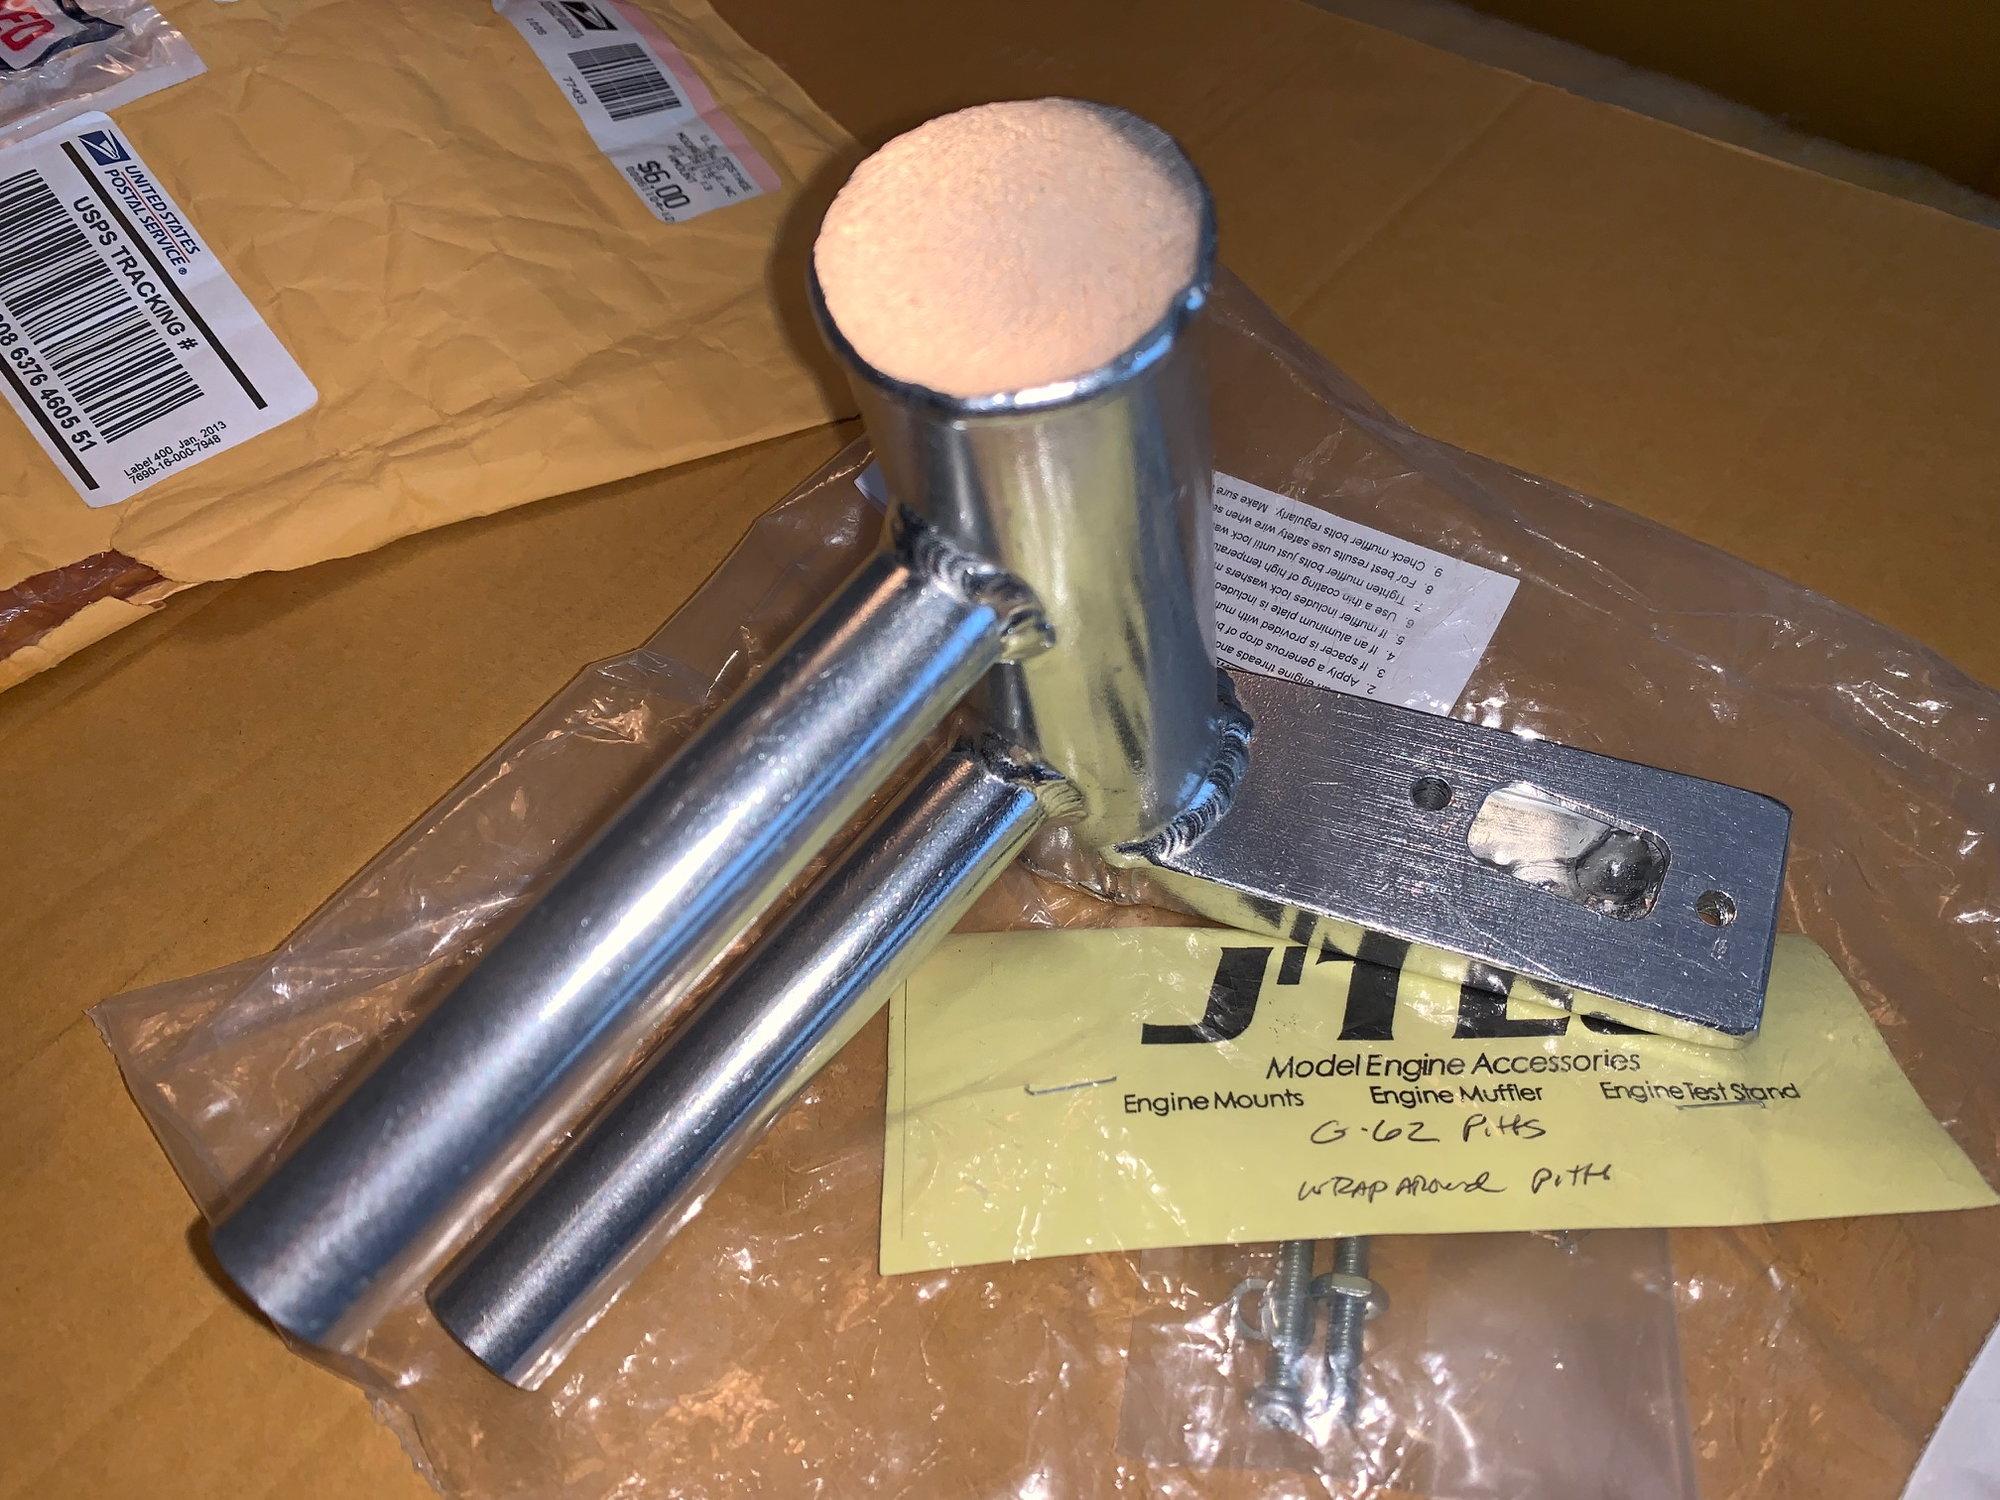 Jtec Wrap Around Pitts Muffler for Zenoah G62 - RCU Forums